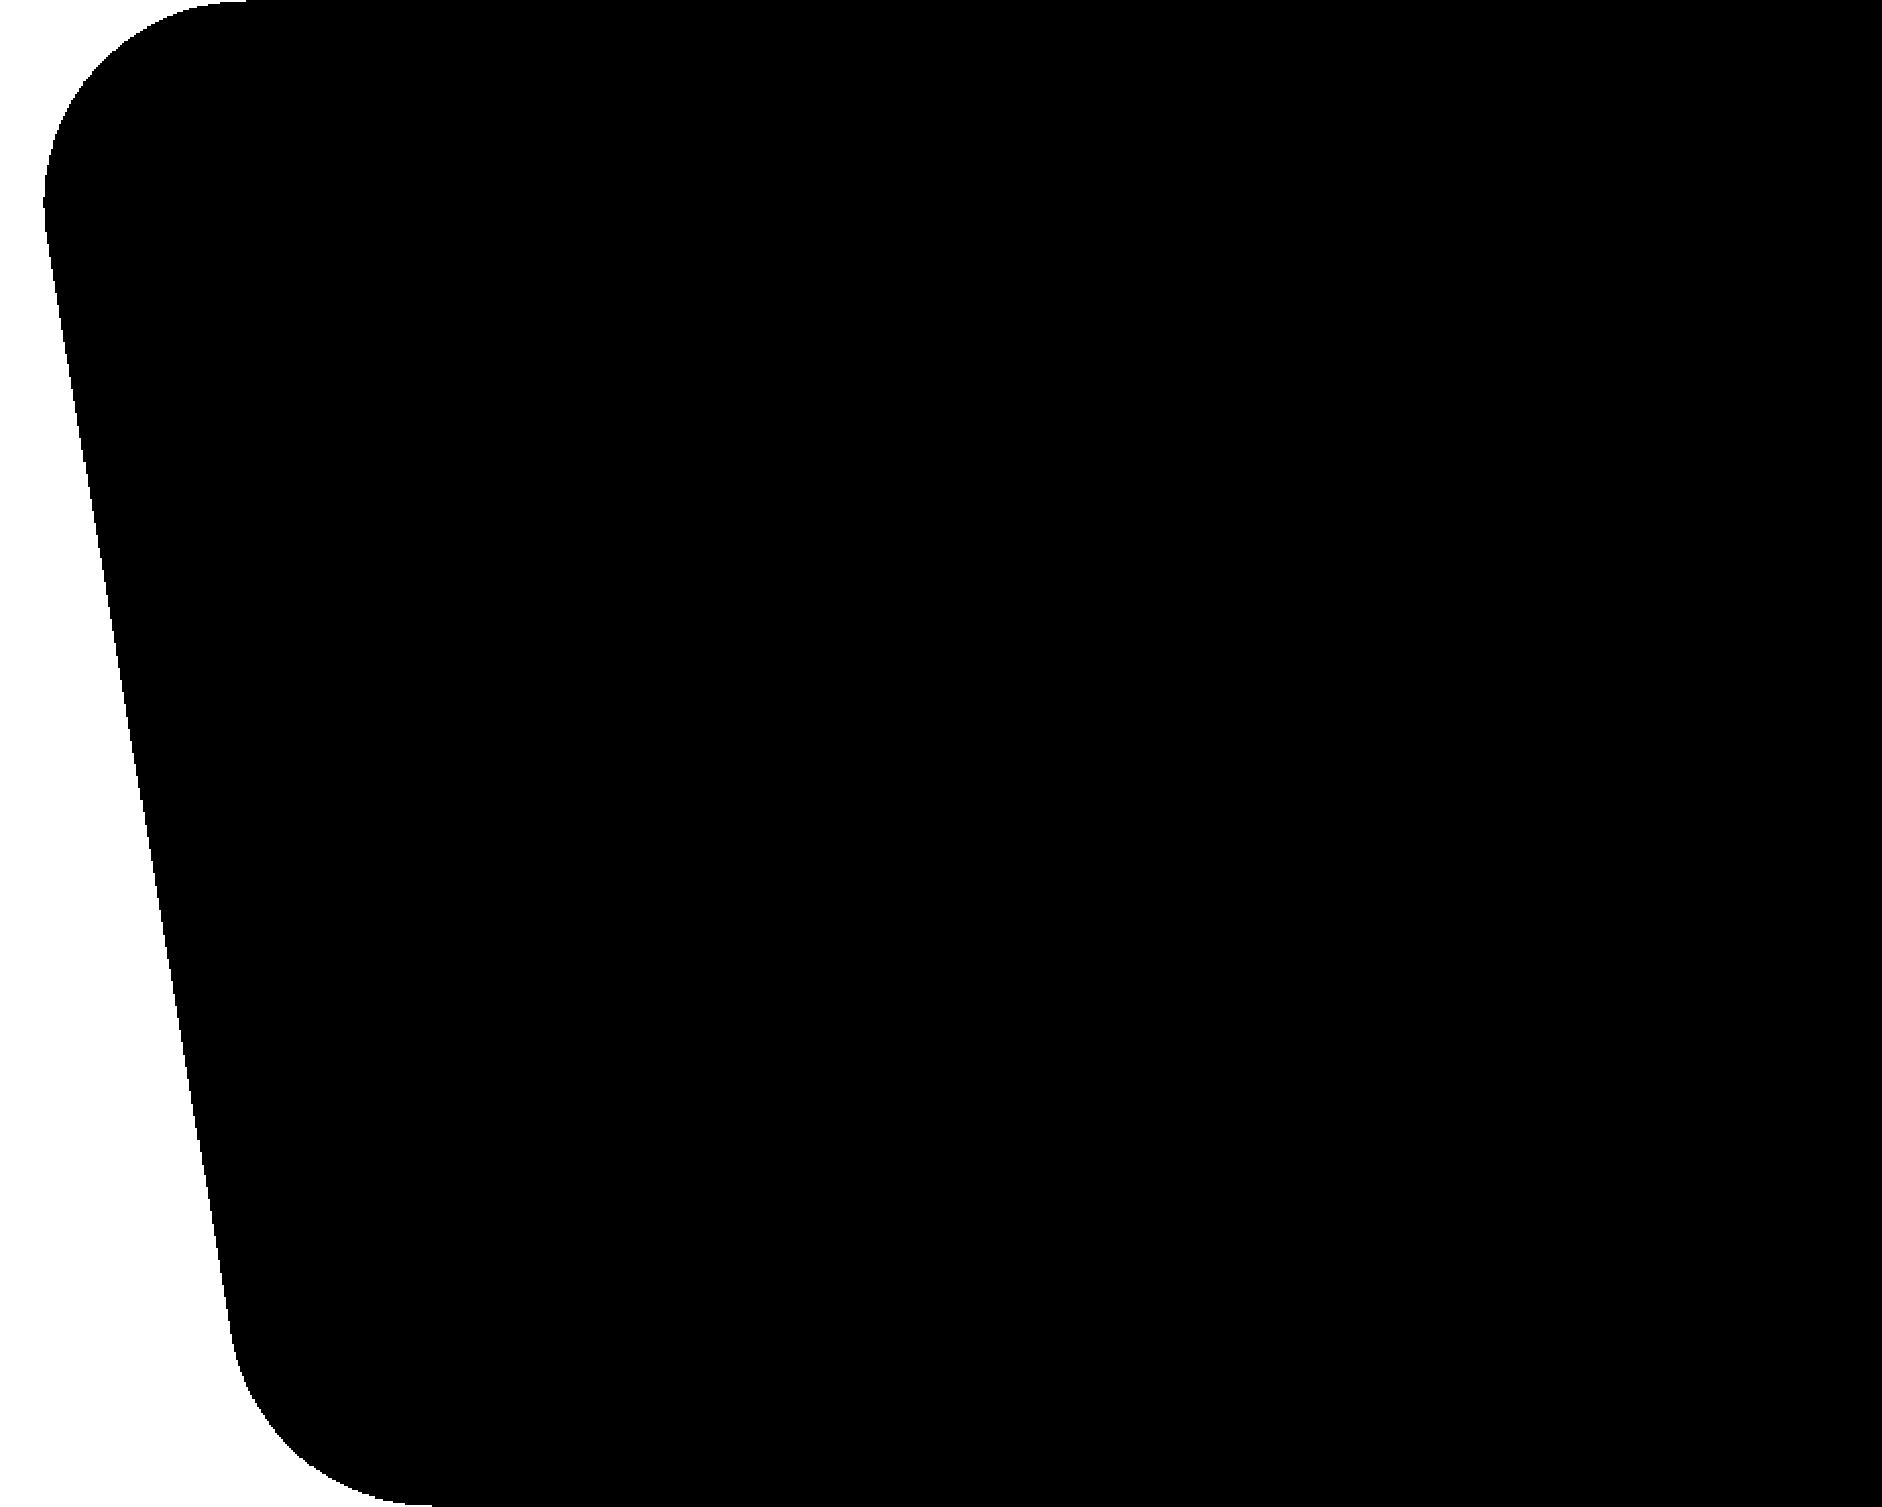 encadrement-image-blanc